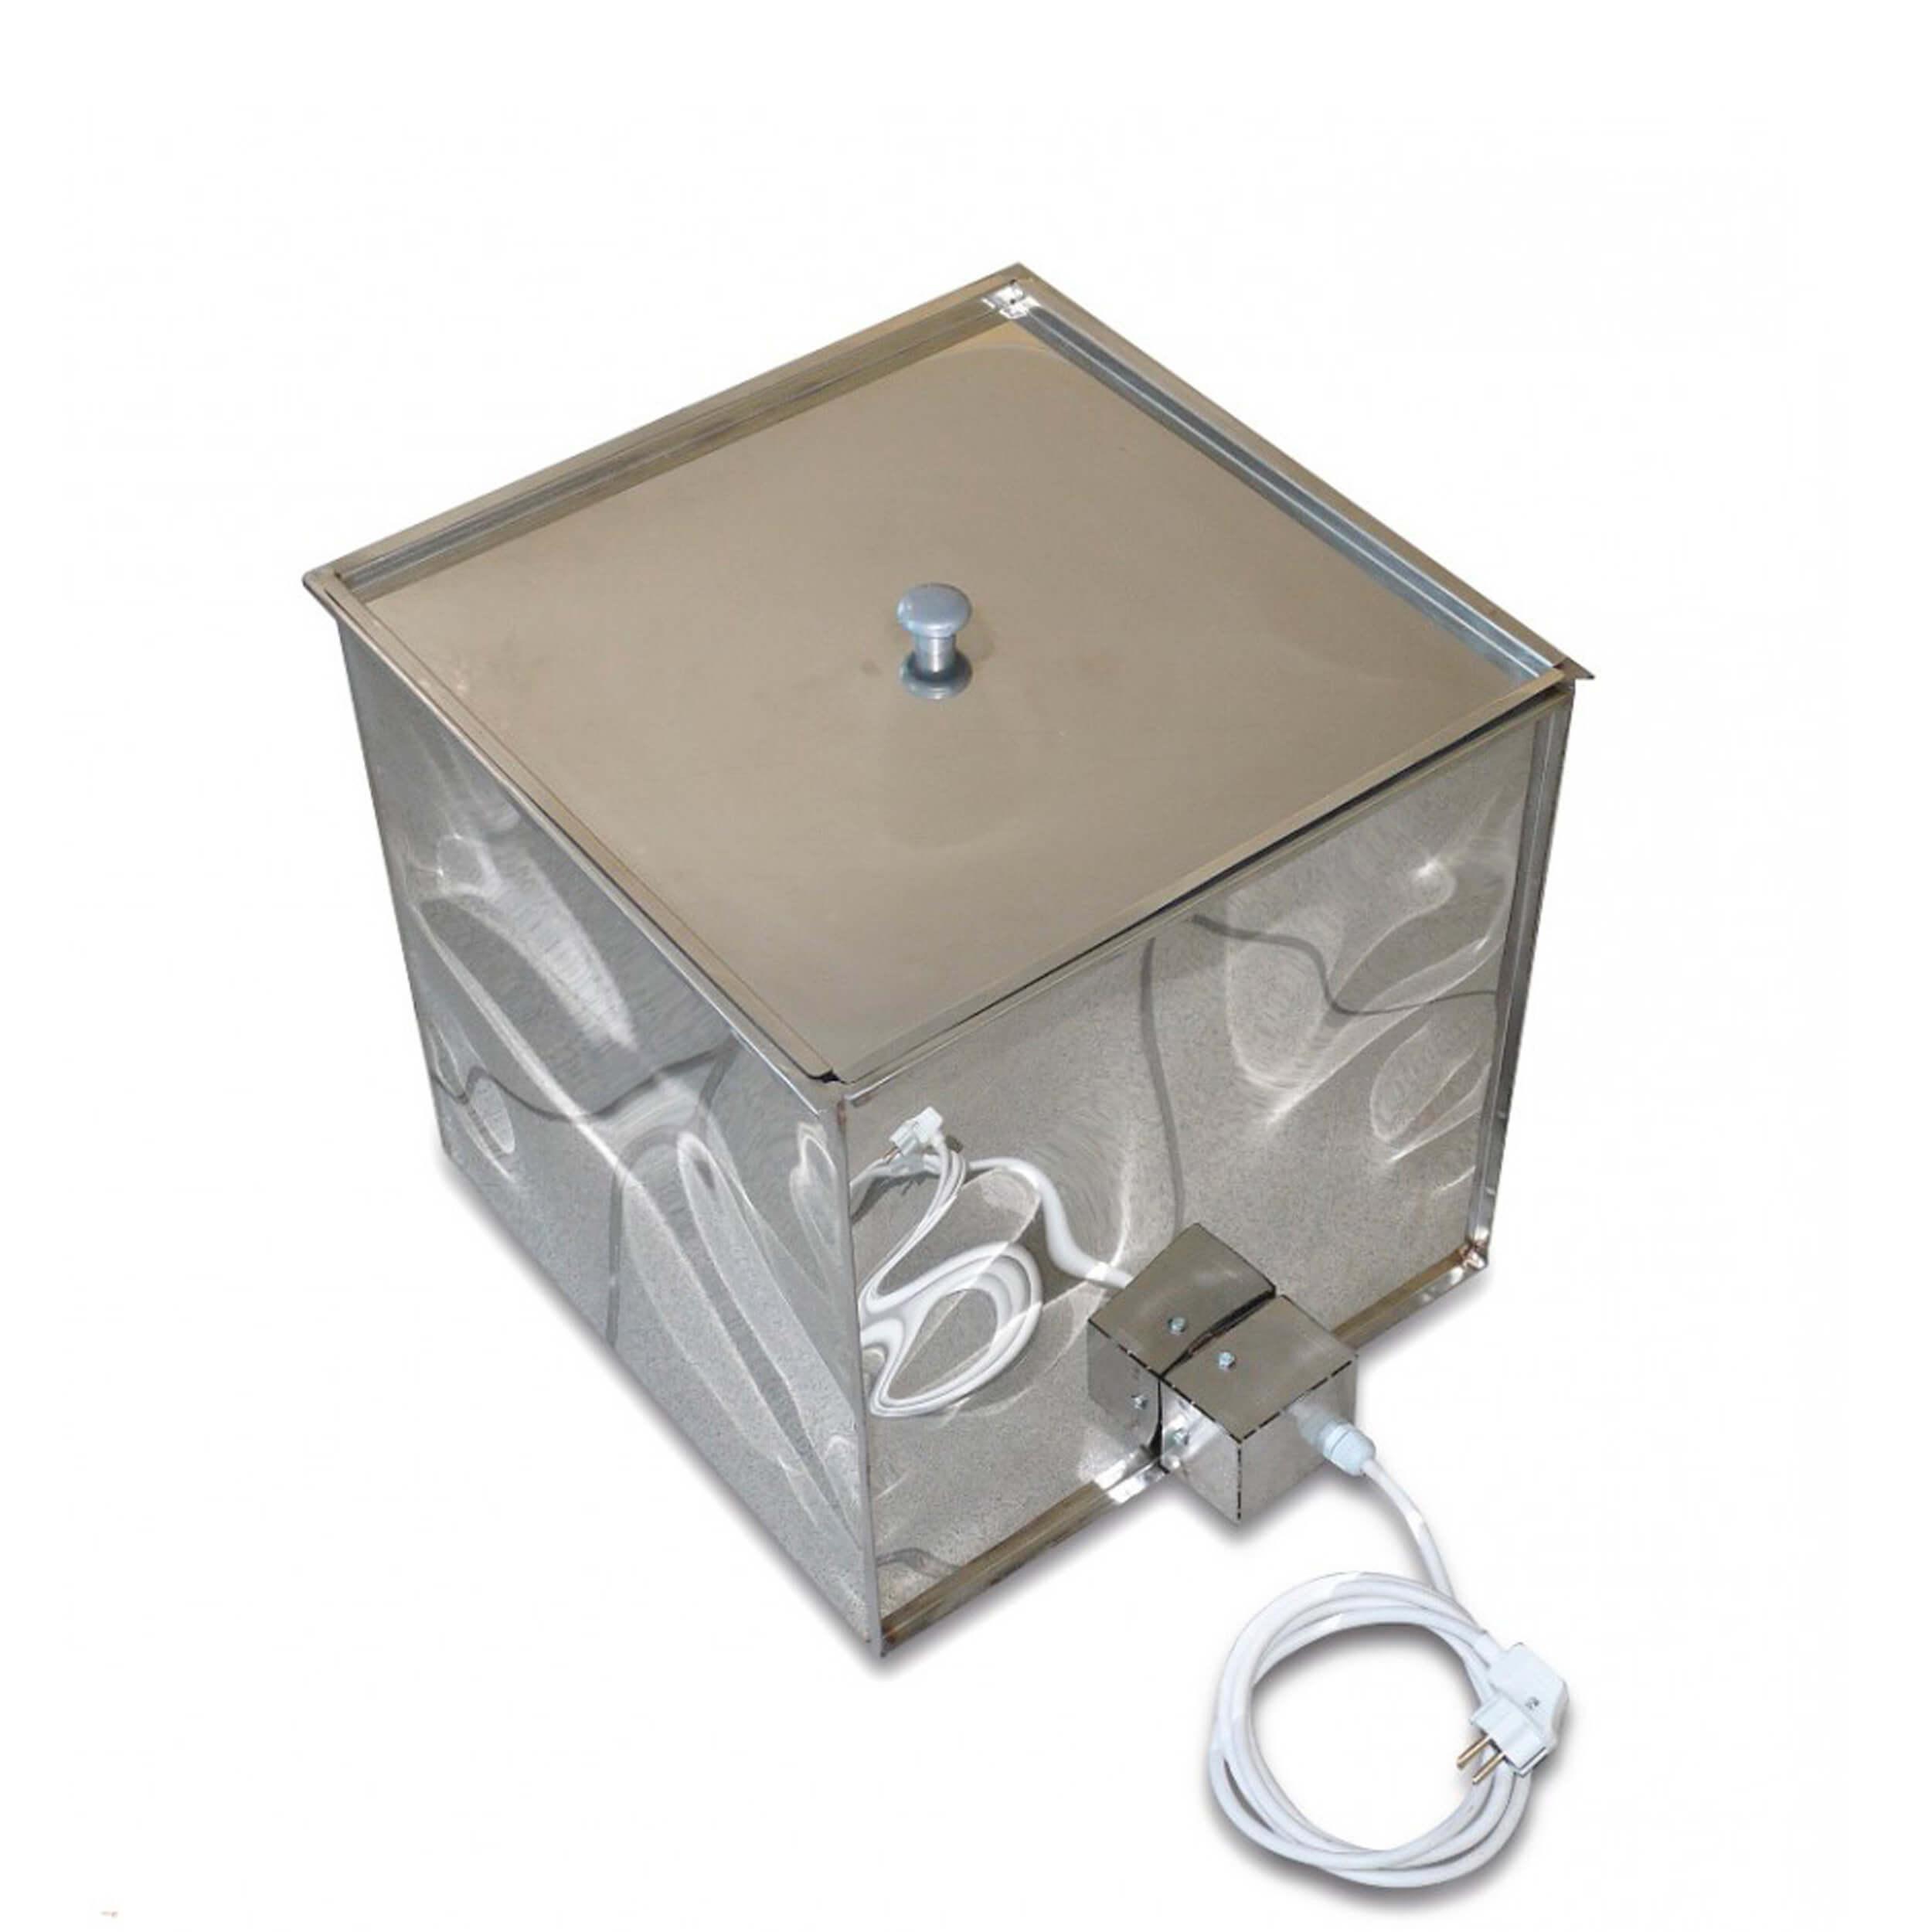 Контейнер декристаллизатор для роспуска меда в куботейнере фото